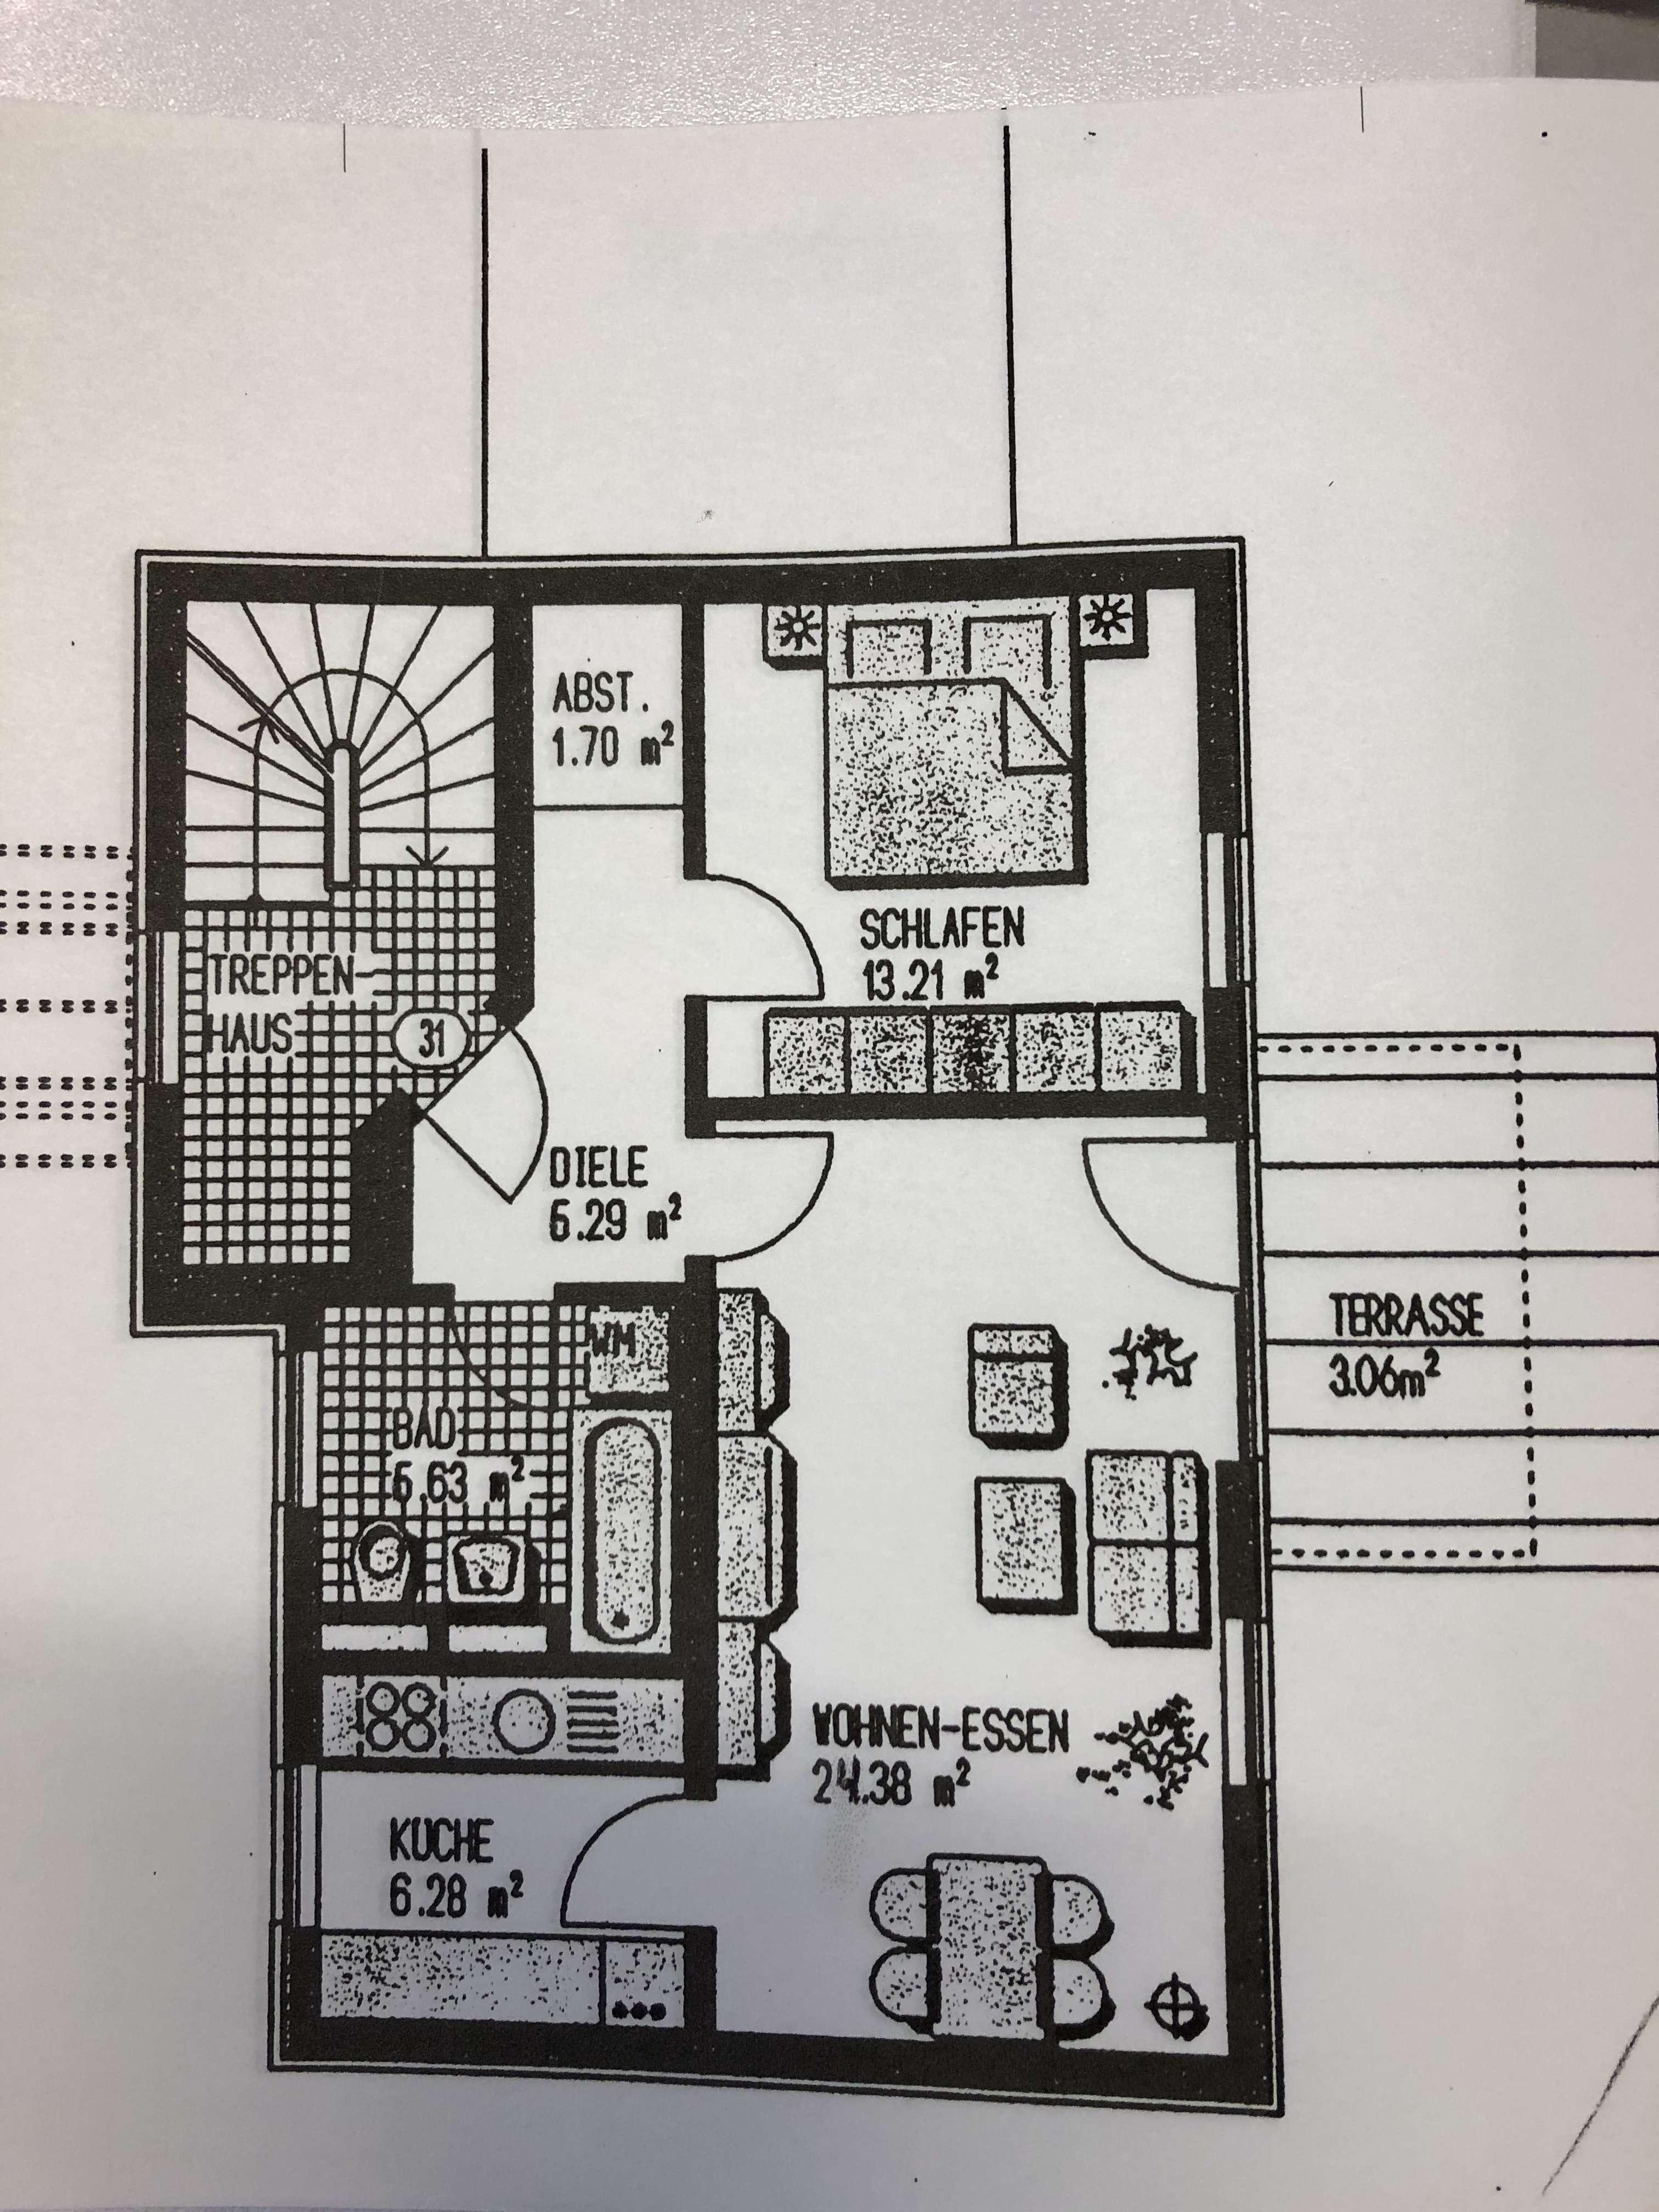 Vermiete sehr schöne  2-Zimmer-EG-Wohnung mit Terrasse in Kaufering in Kaufering